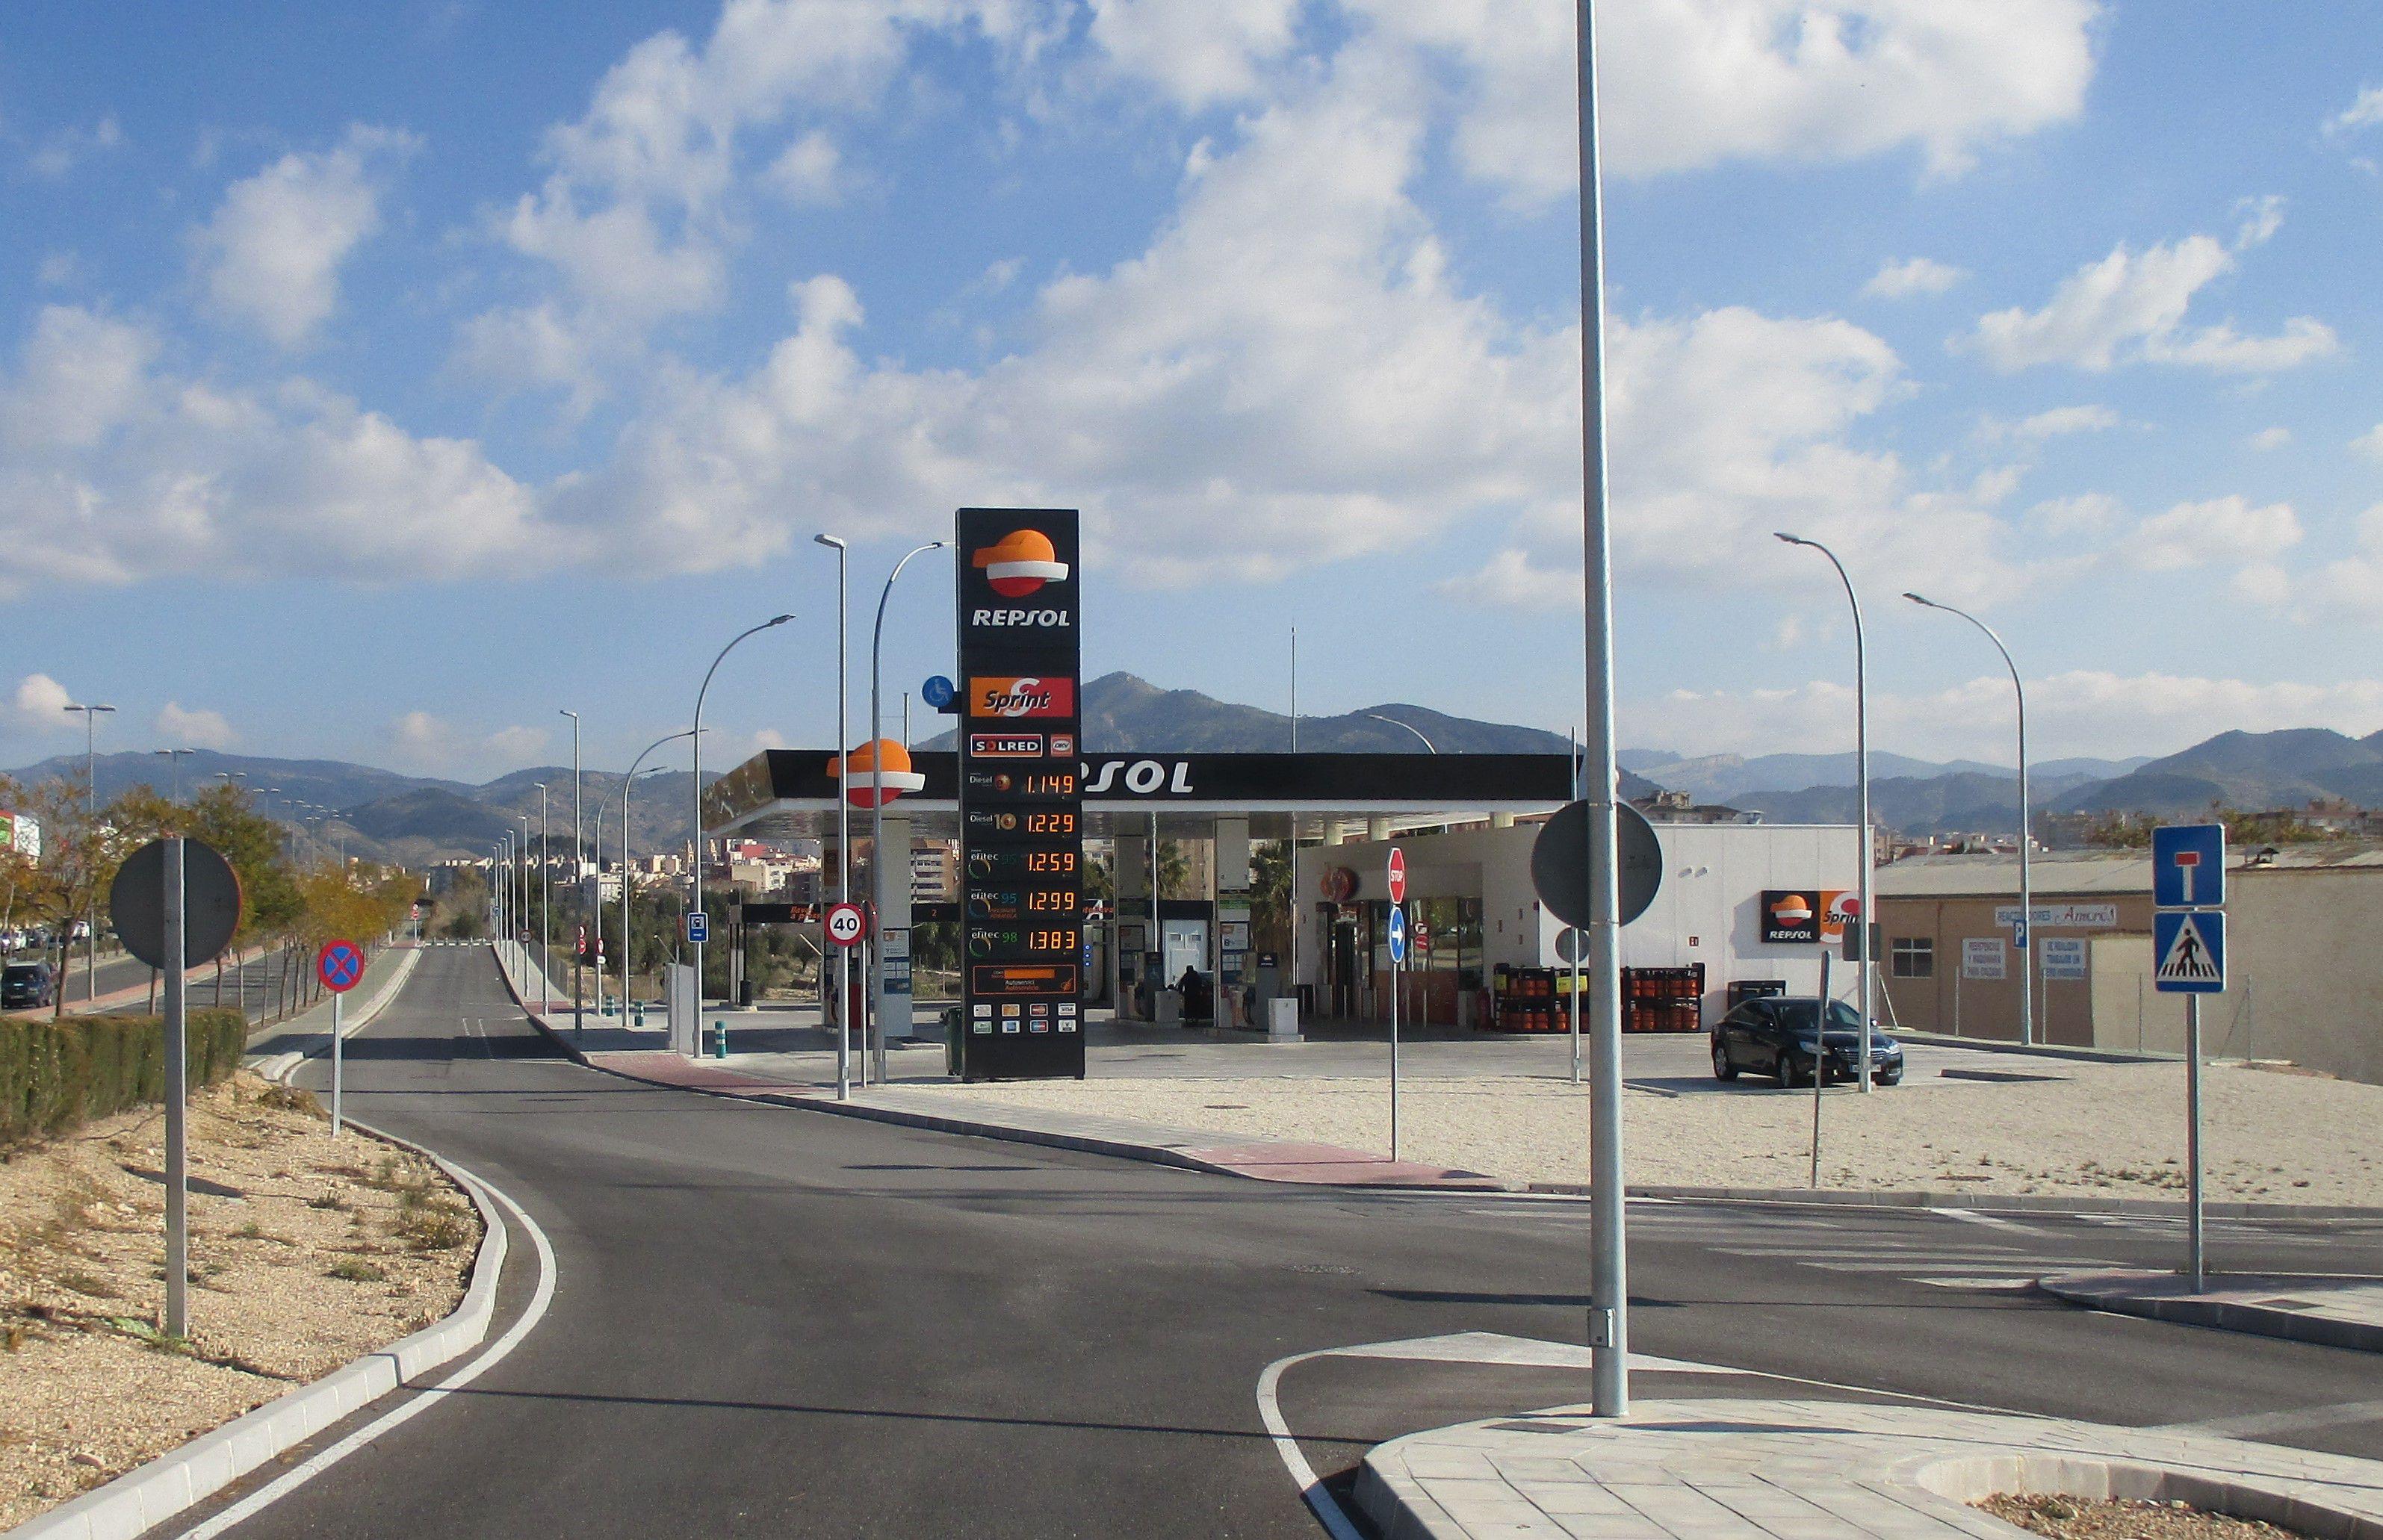 Gasolinera Repsol Elda Centro Excursionista (carretera Elda-Monóvar)